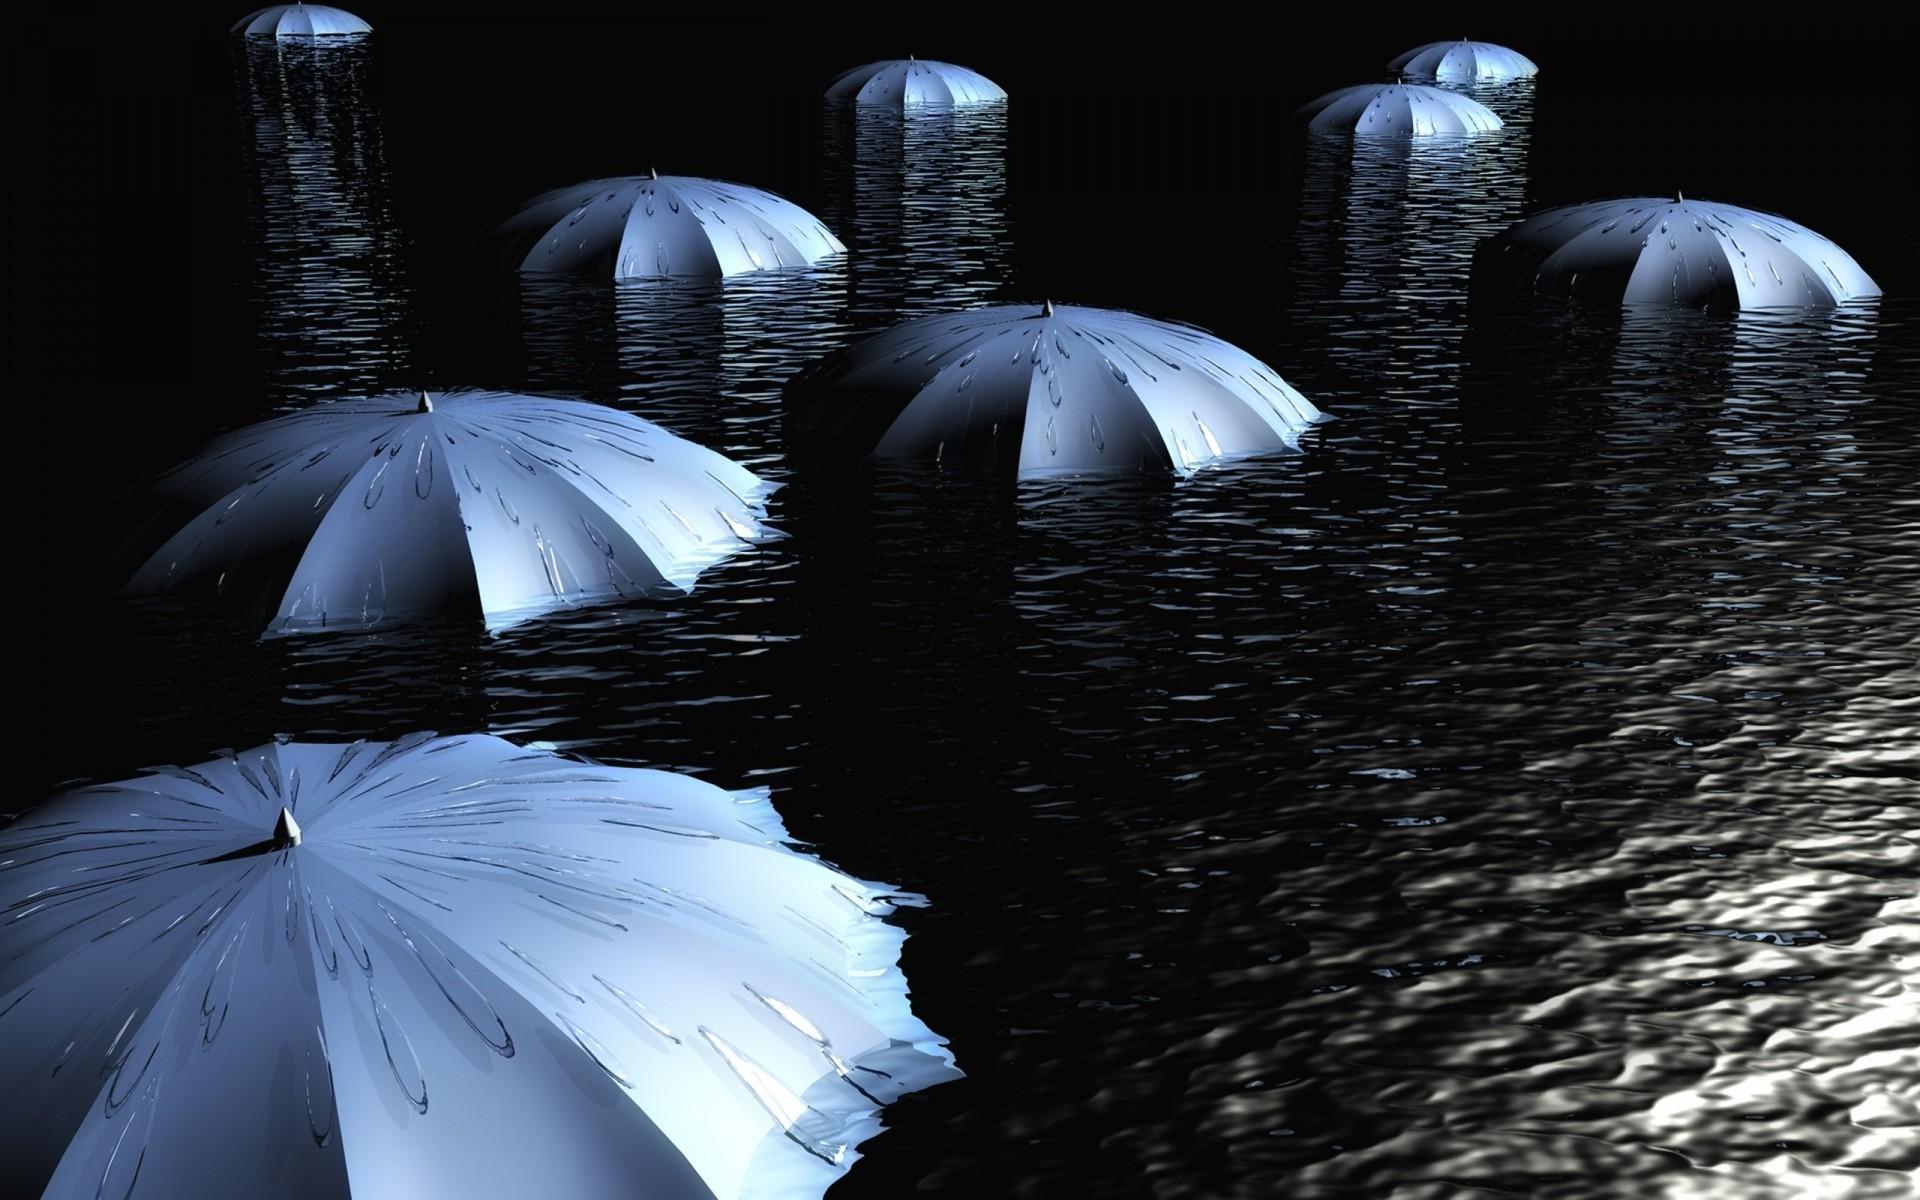 где мокрый зонт обои на рабочий стол тех, кто